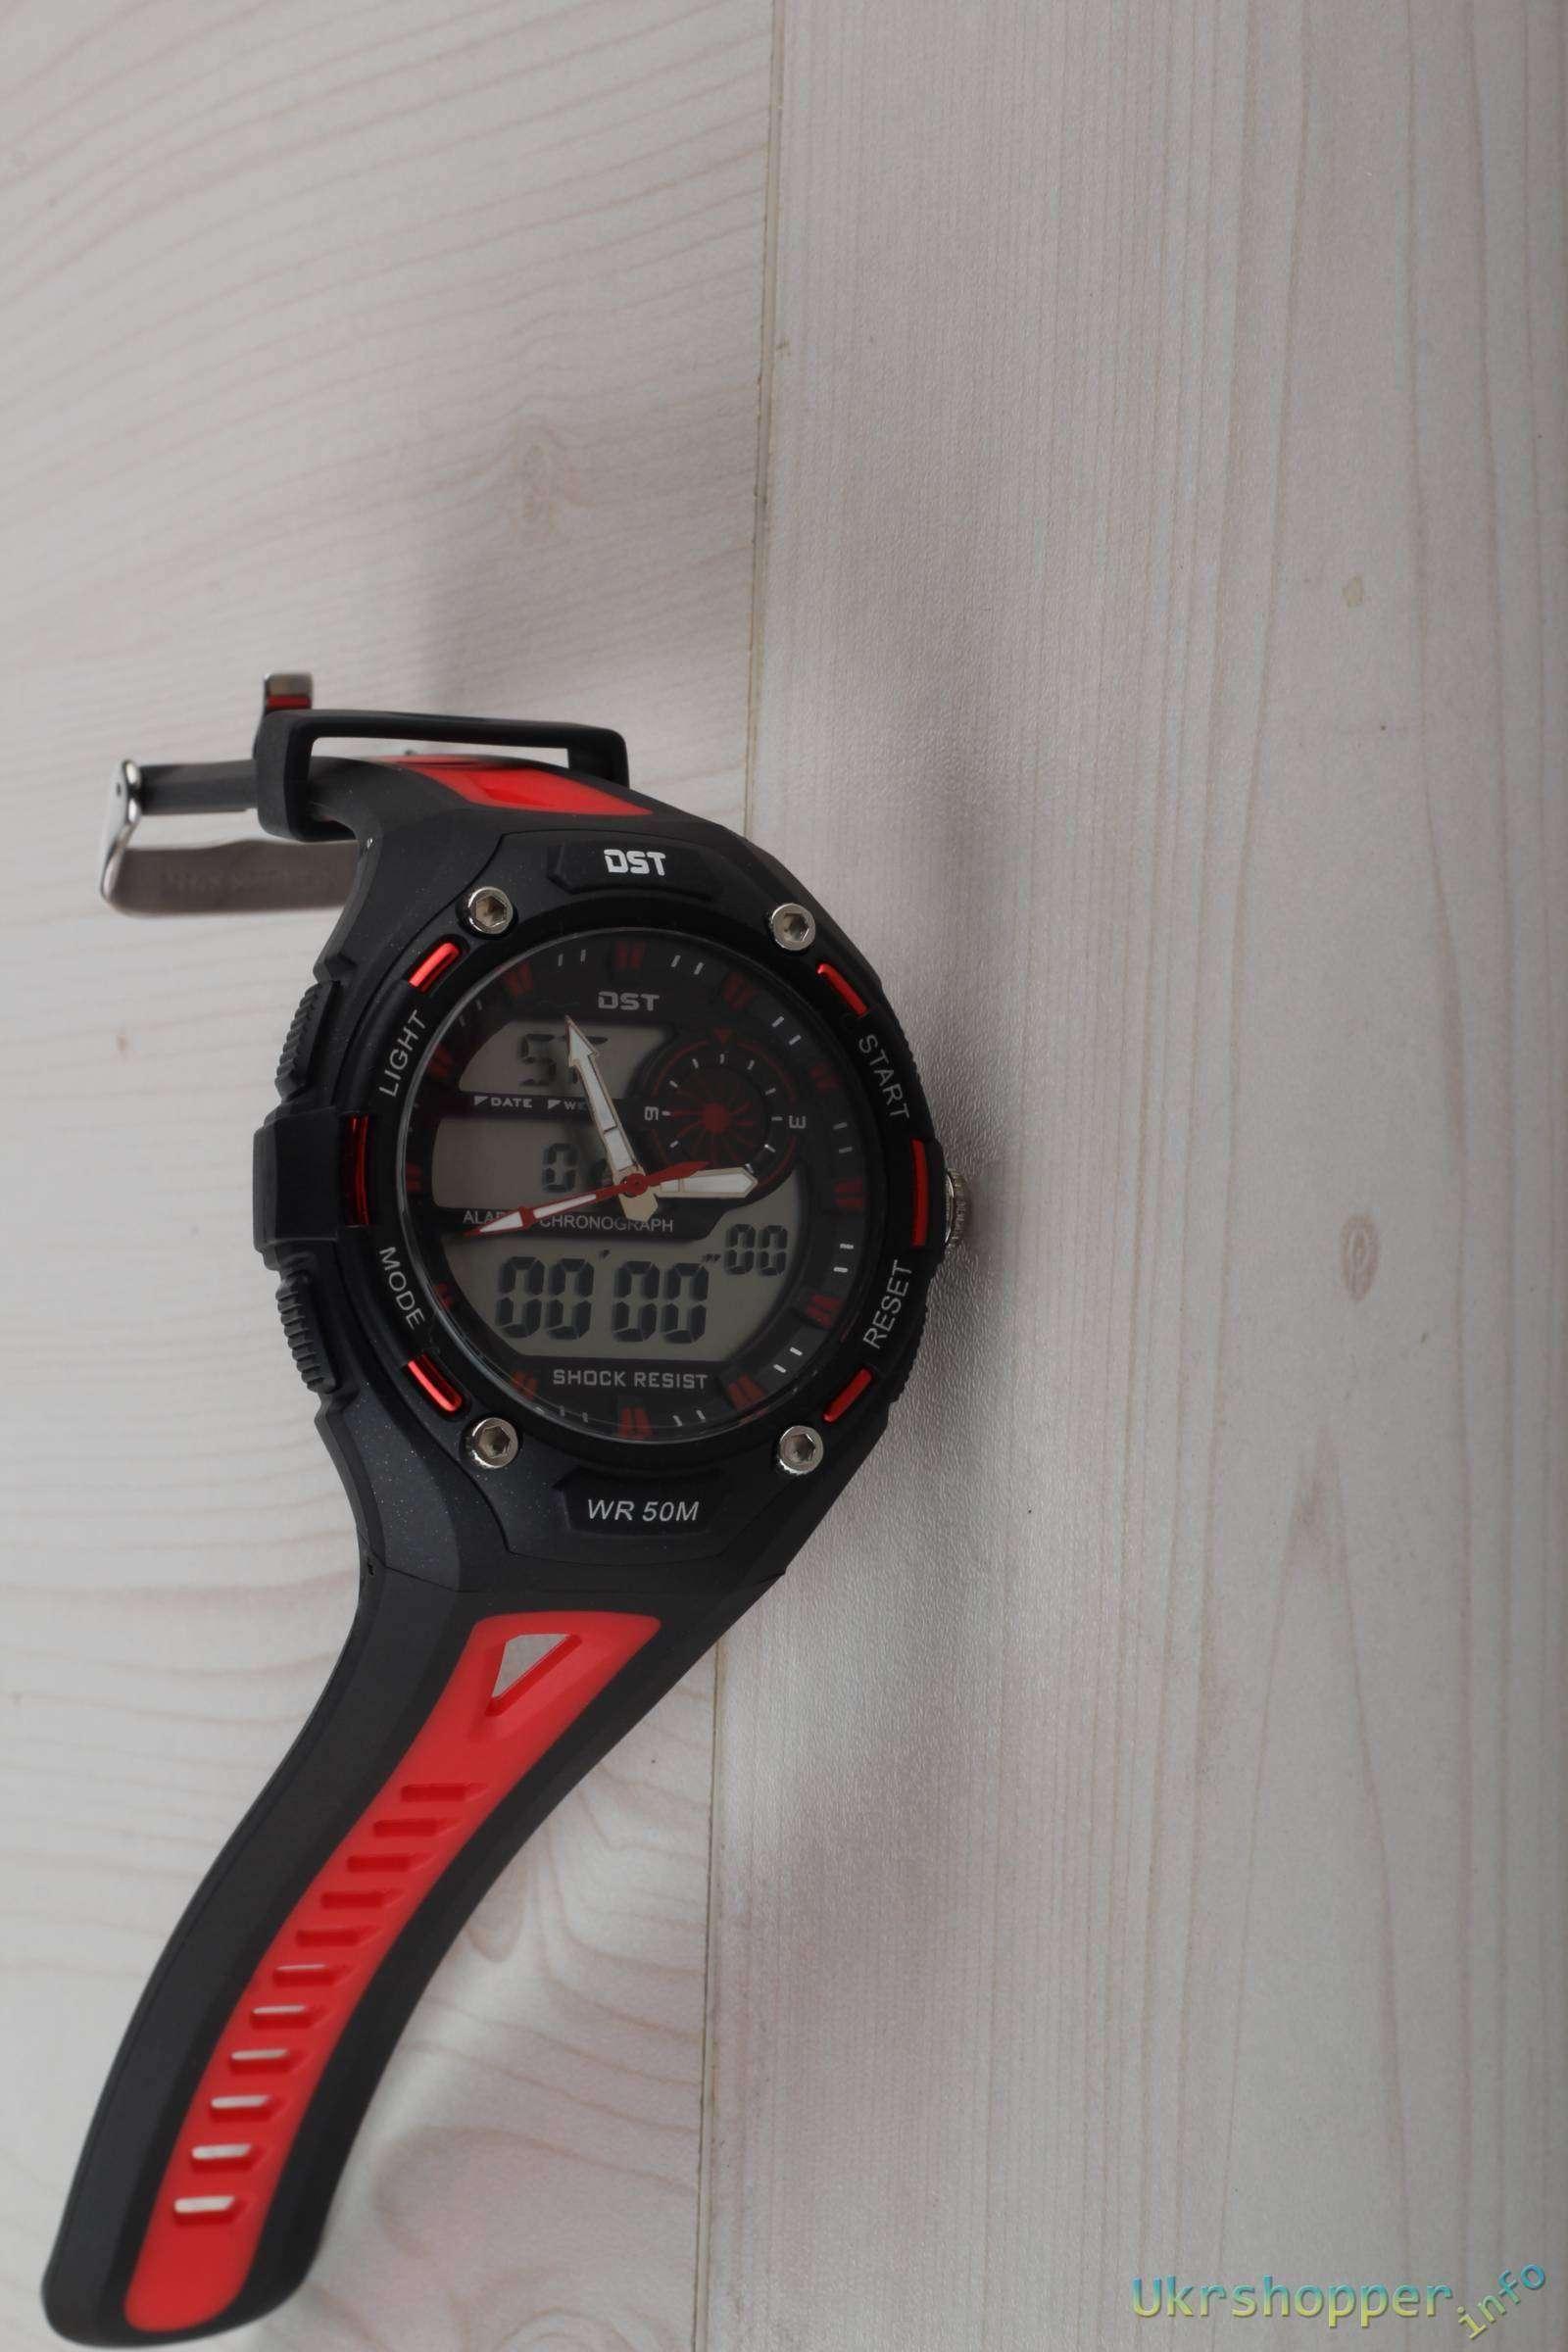 Aliexpress: Обзор спортивных кварцево-электронных часов с подсветкой